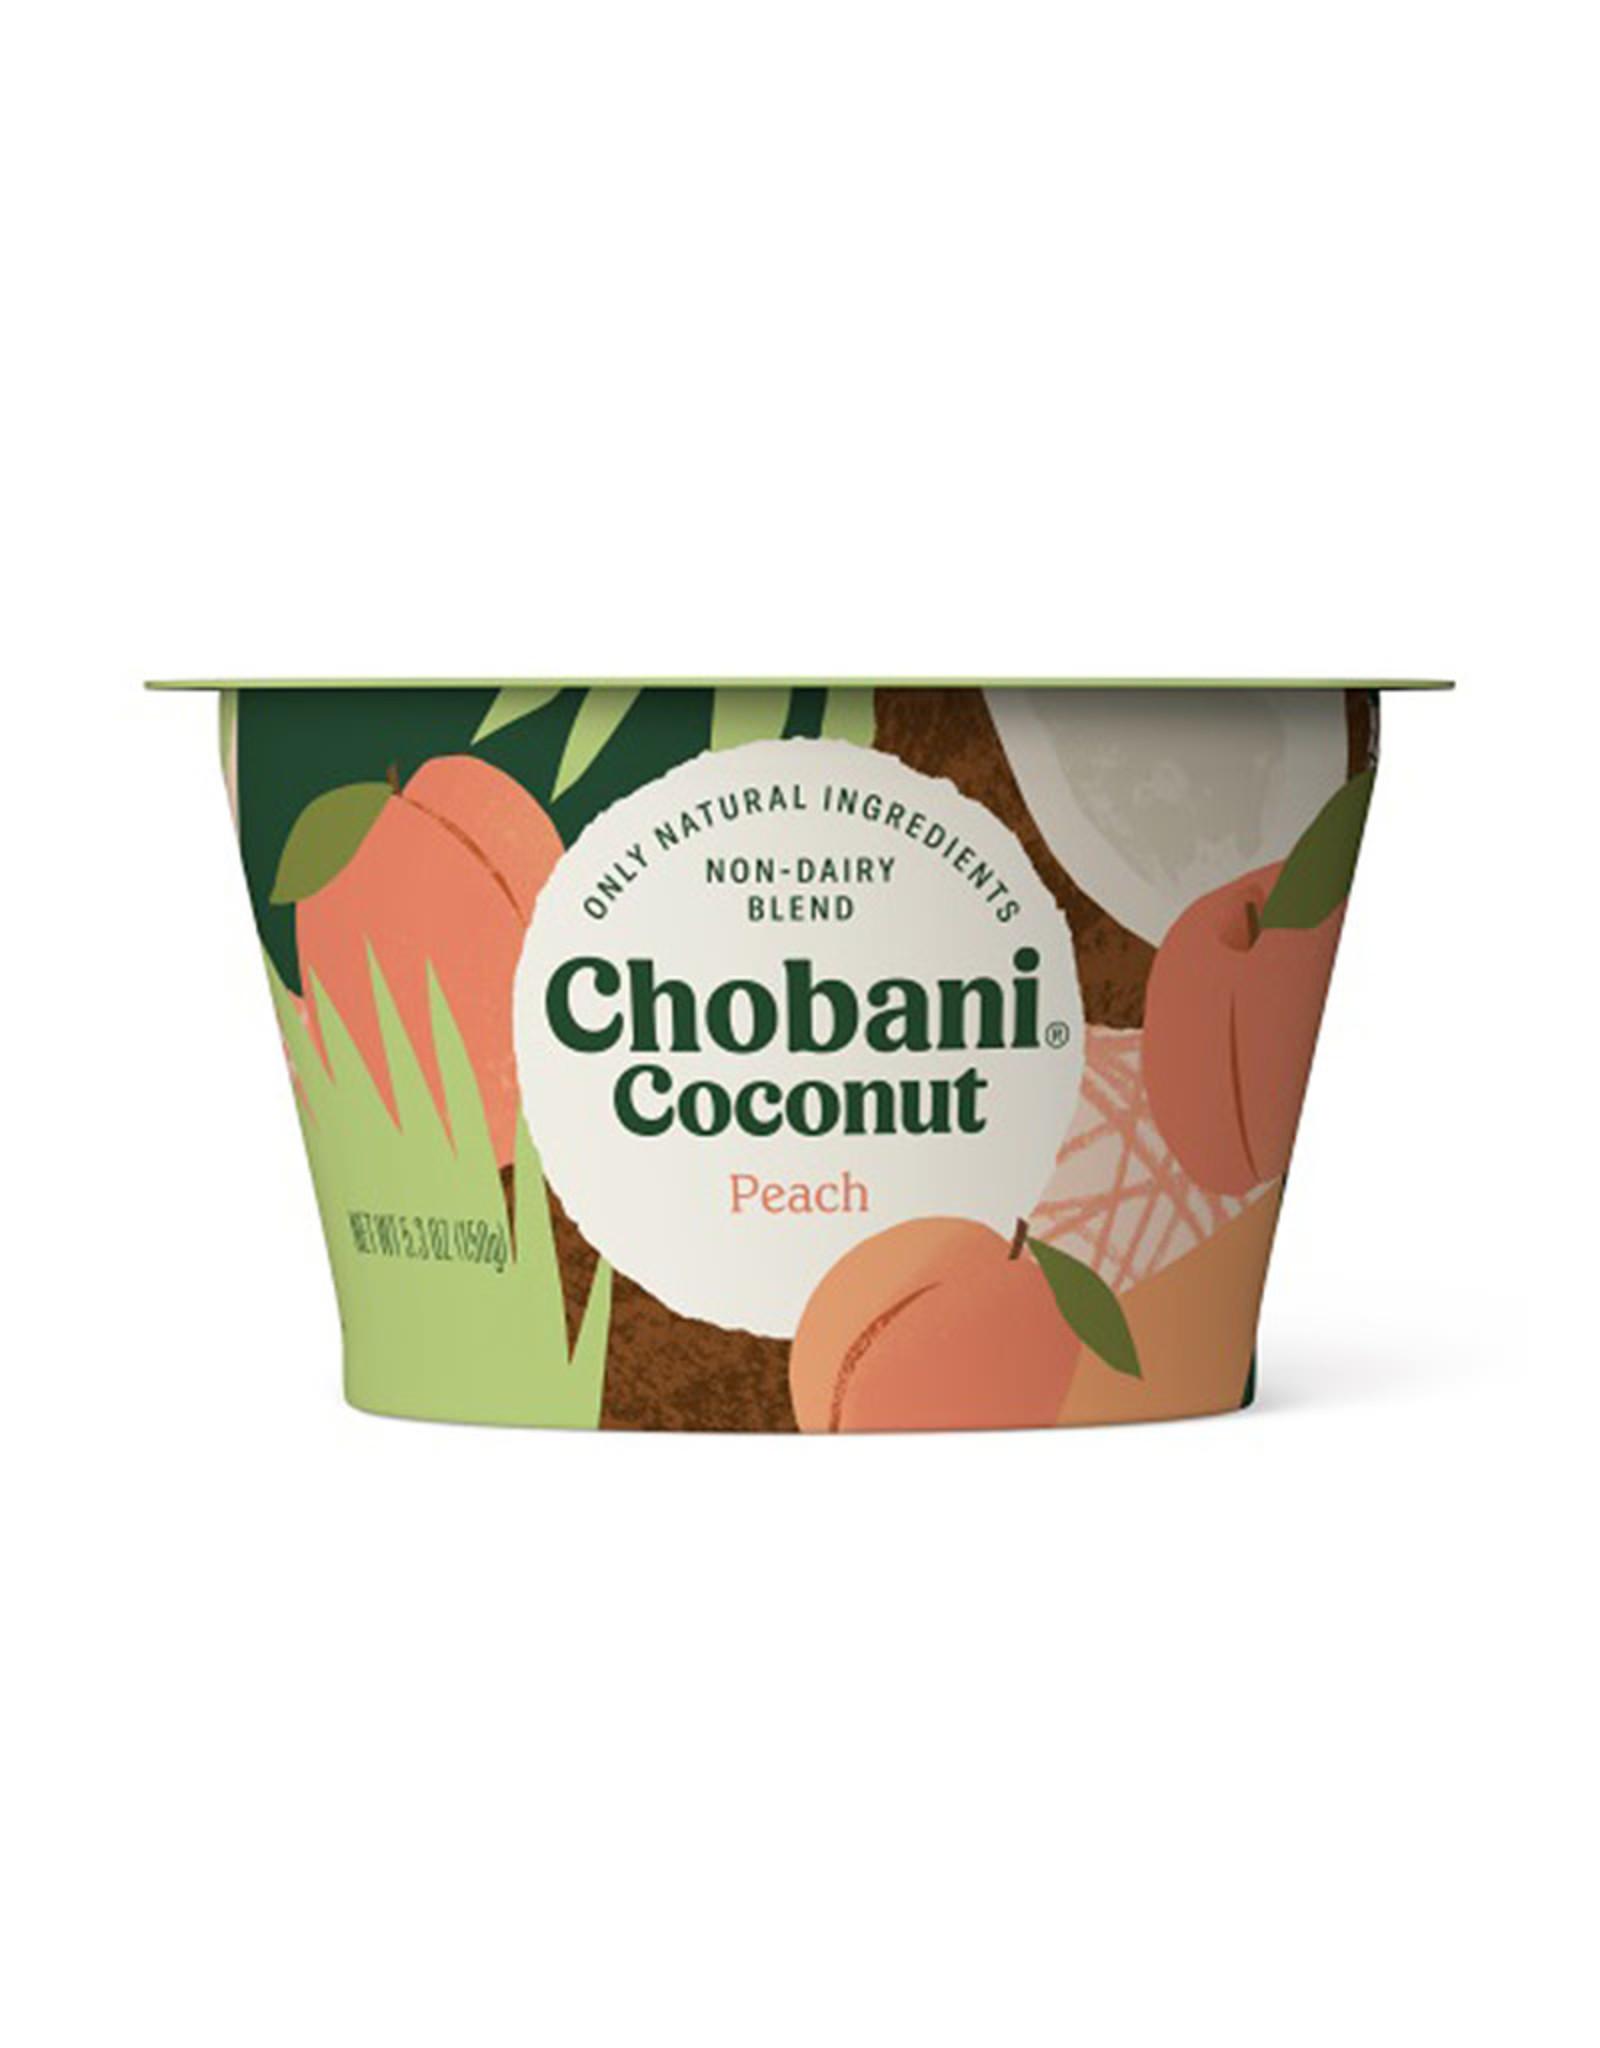 Chobani Chobani - Coconut Yogurt, Peach (150g)